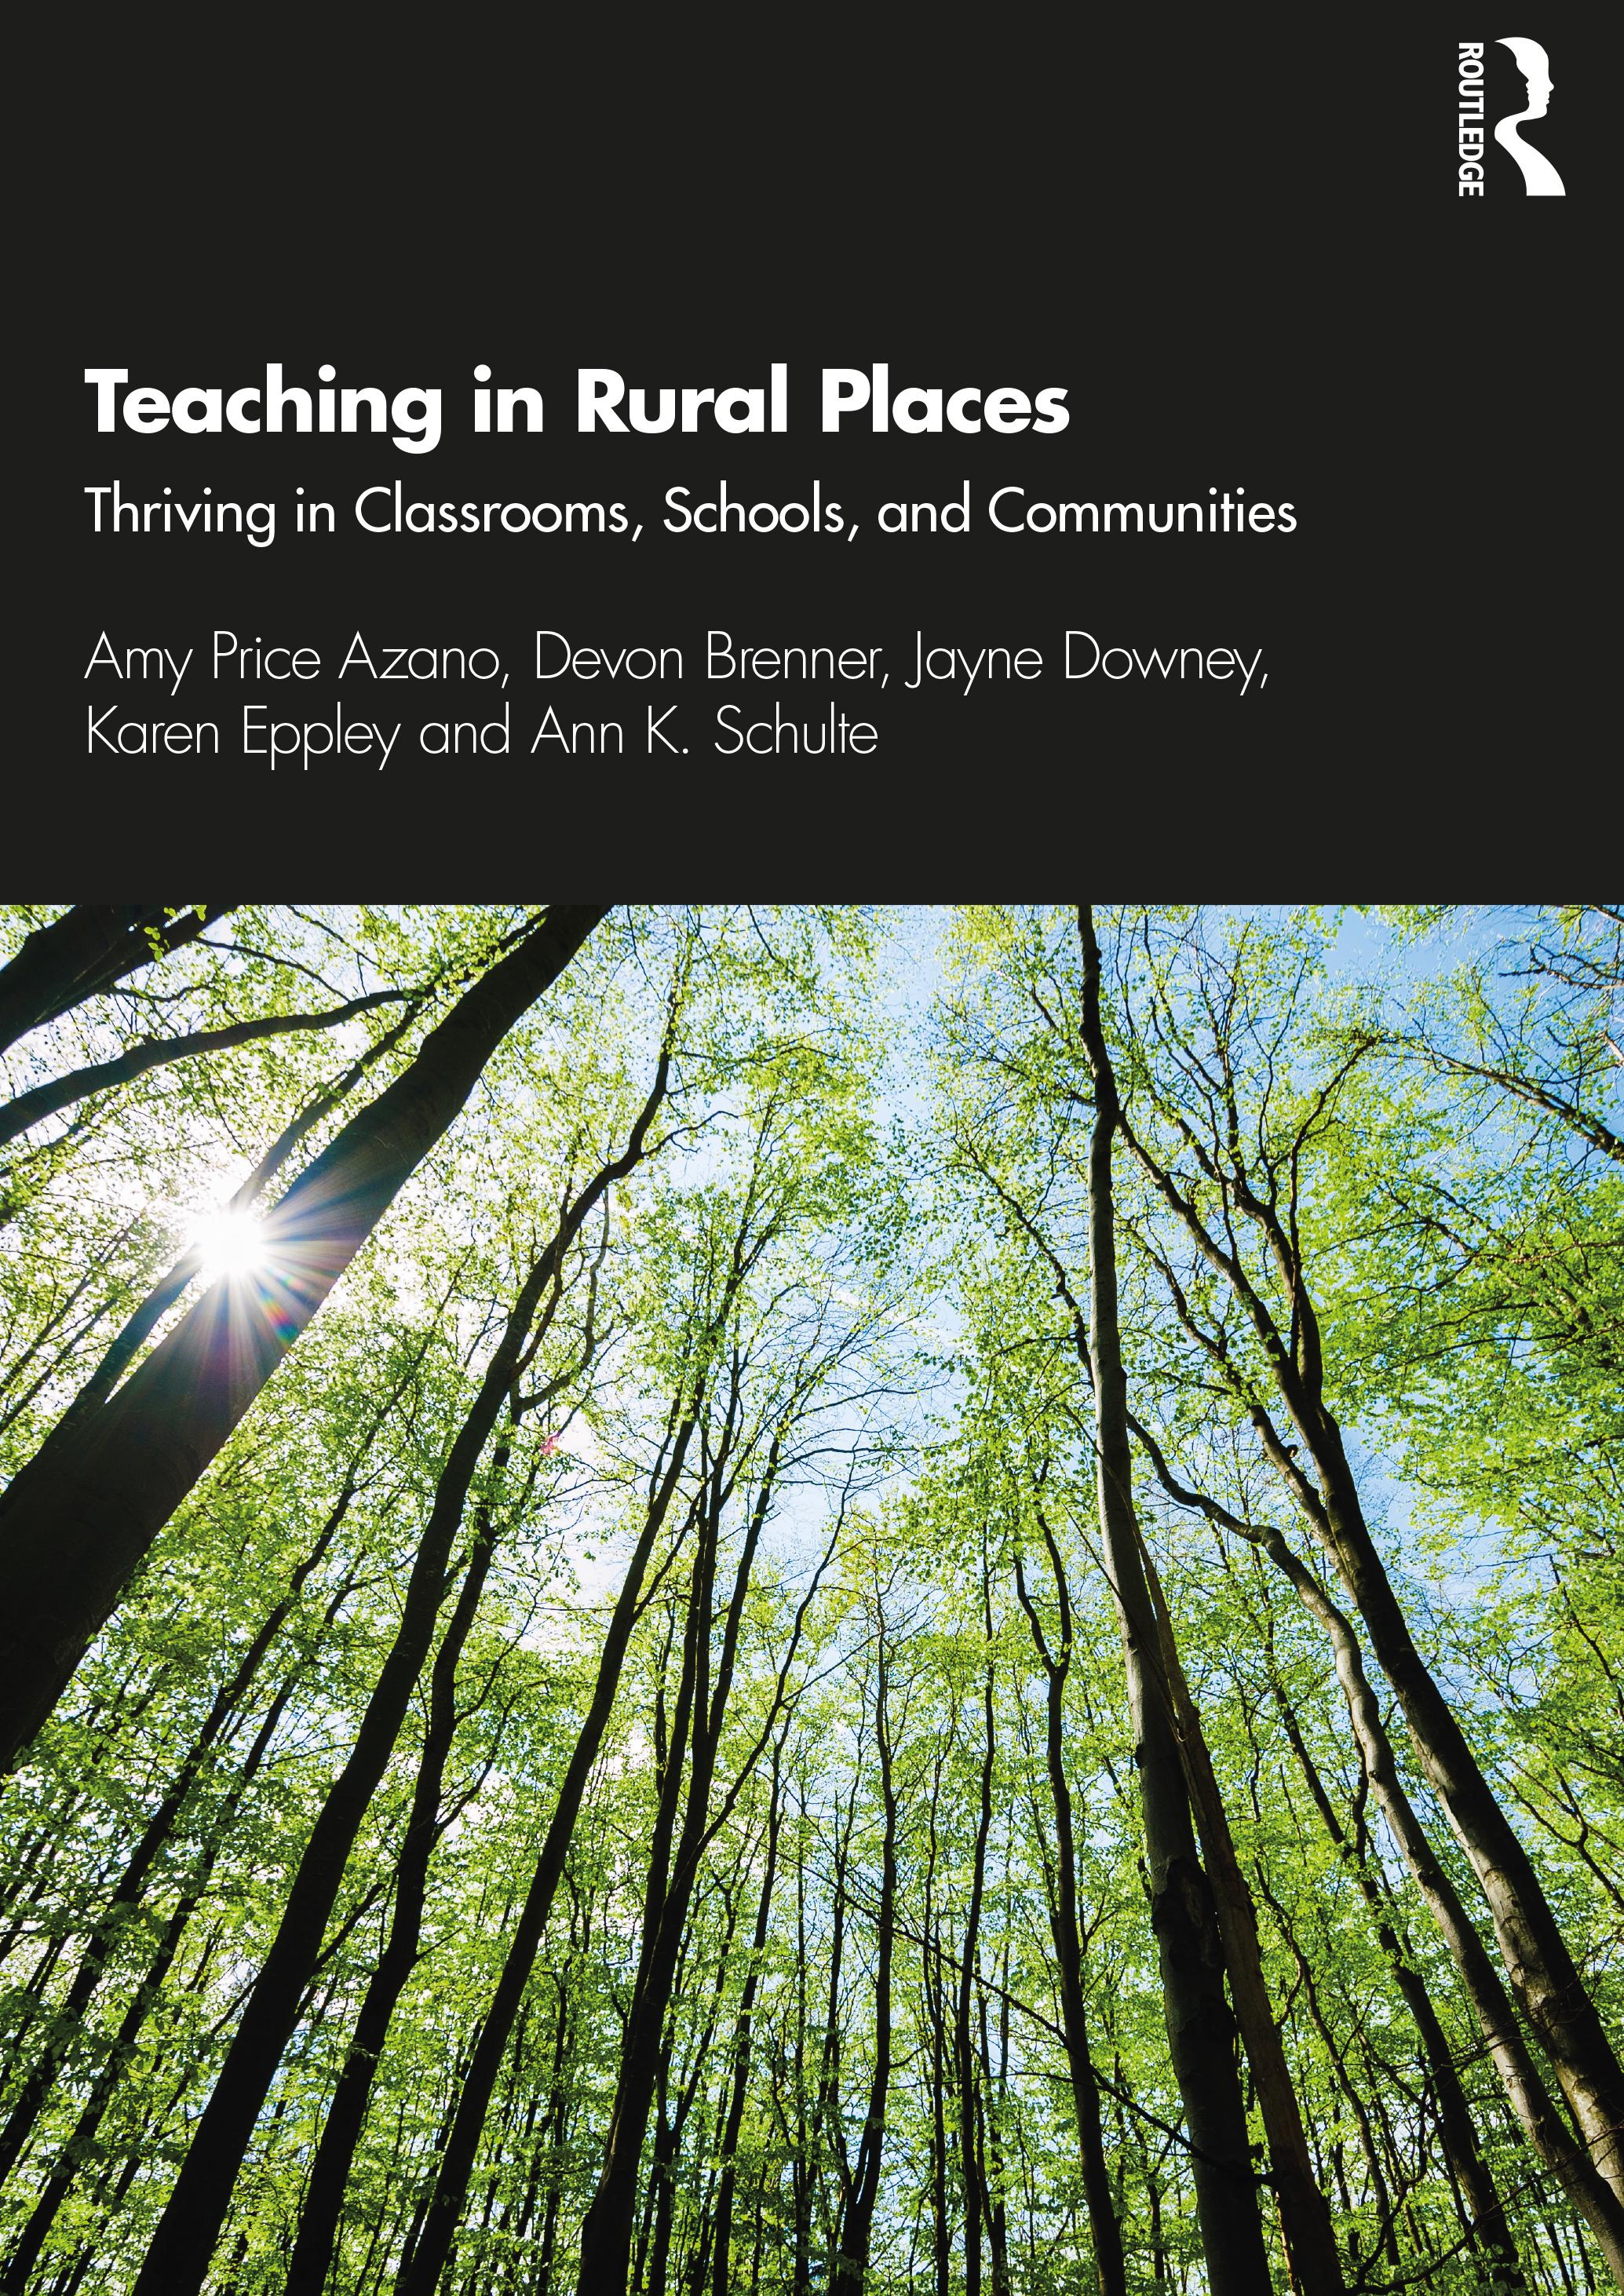 Thriving as a Rural Teacher